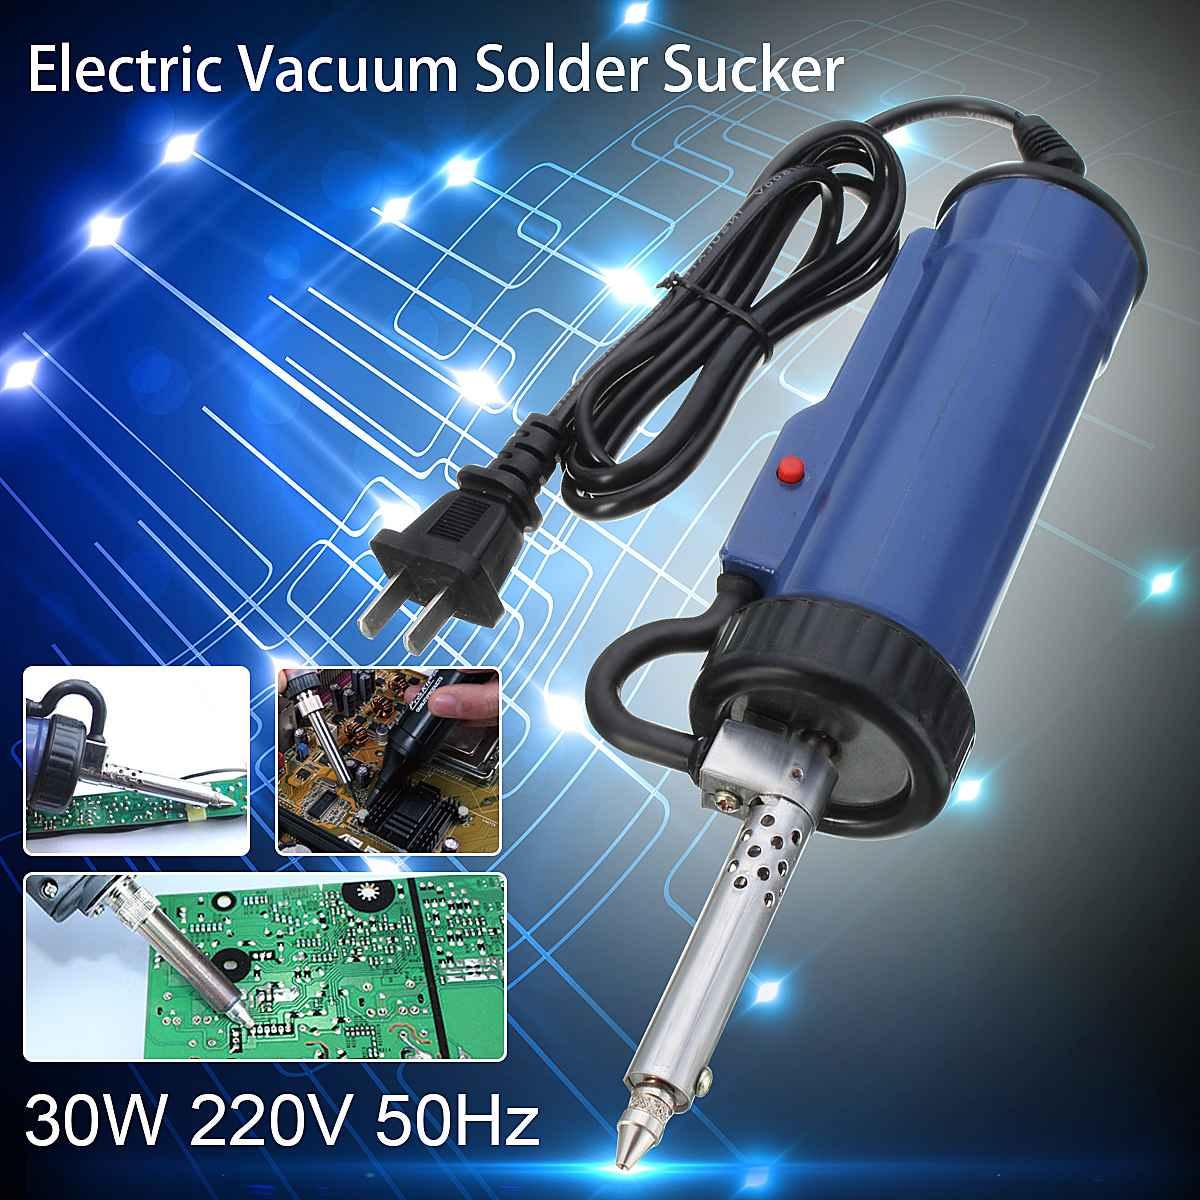 30W 220V 50Hz soudure ventouse électrique vide dessoudage pompe fer pistolets soudure réparation outil avec buse et tige de forage